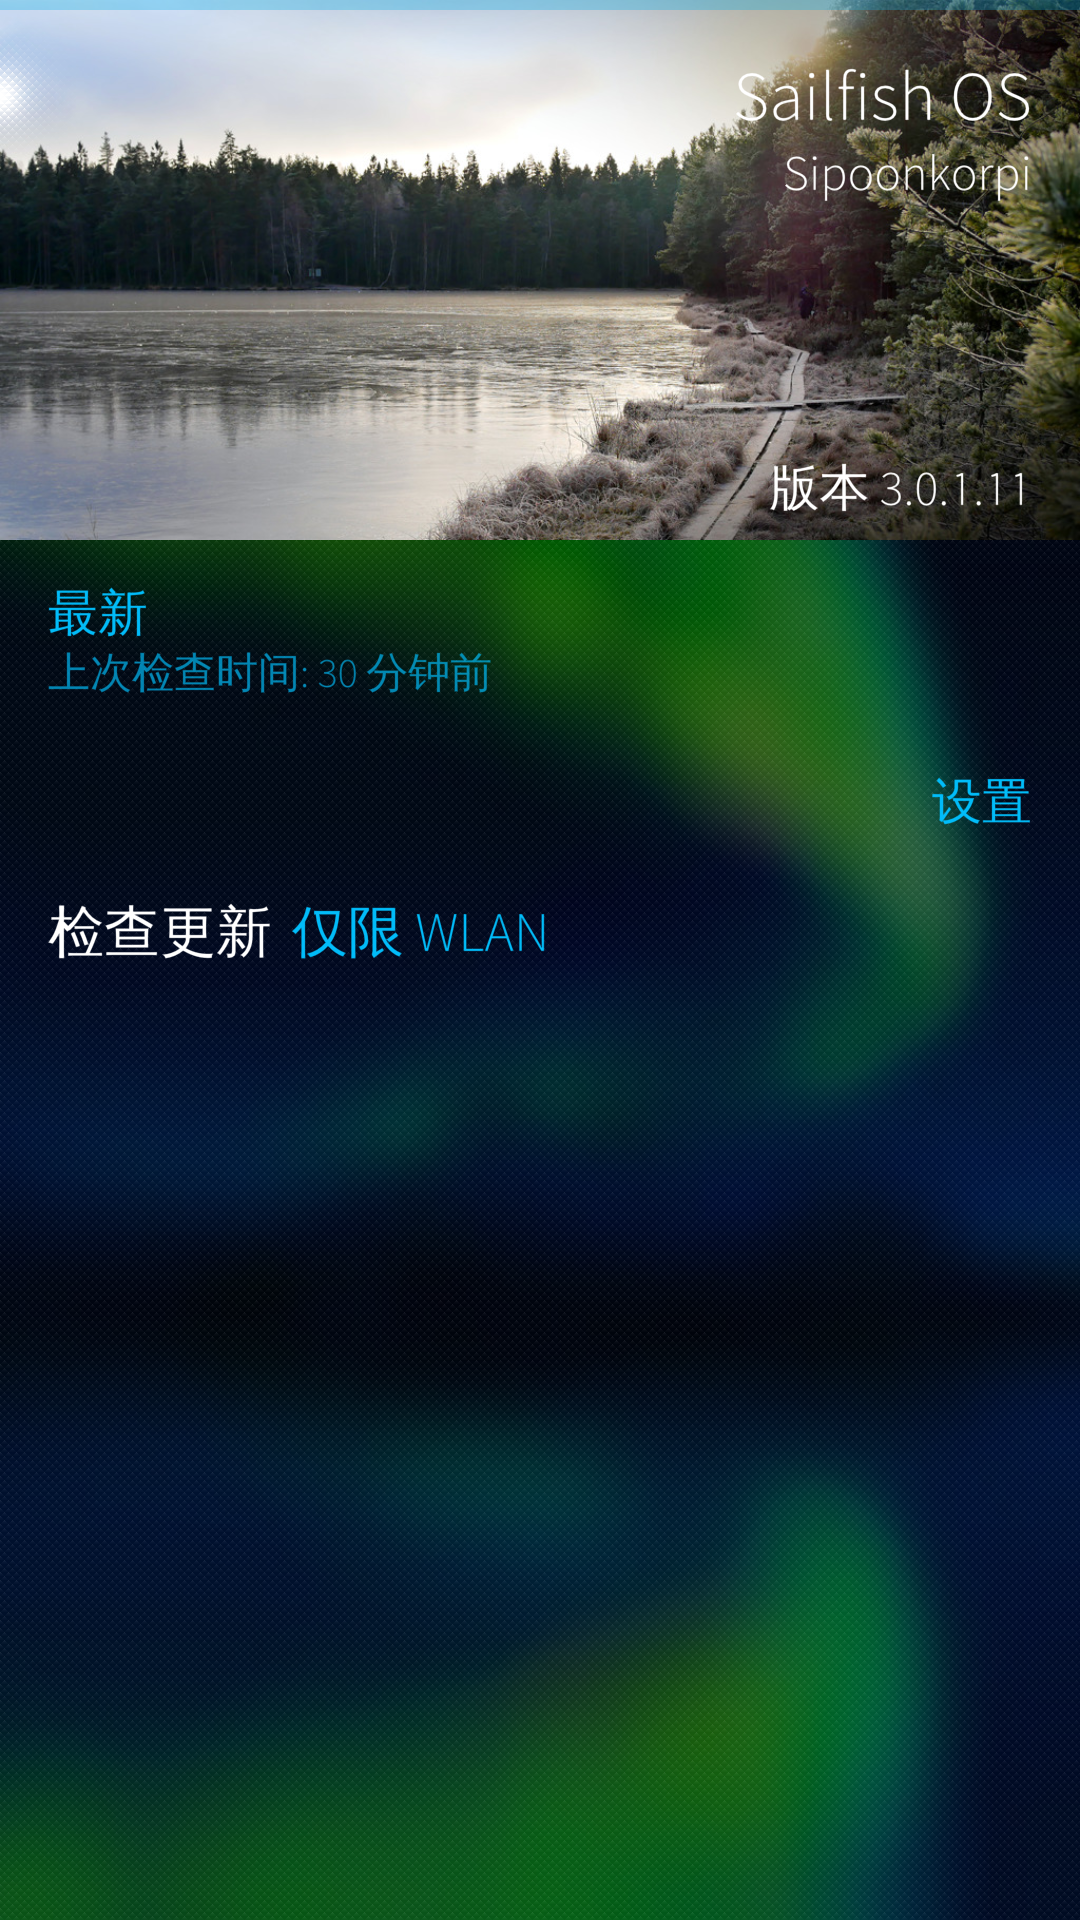 屏幕截图 20190104 002